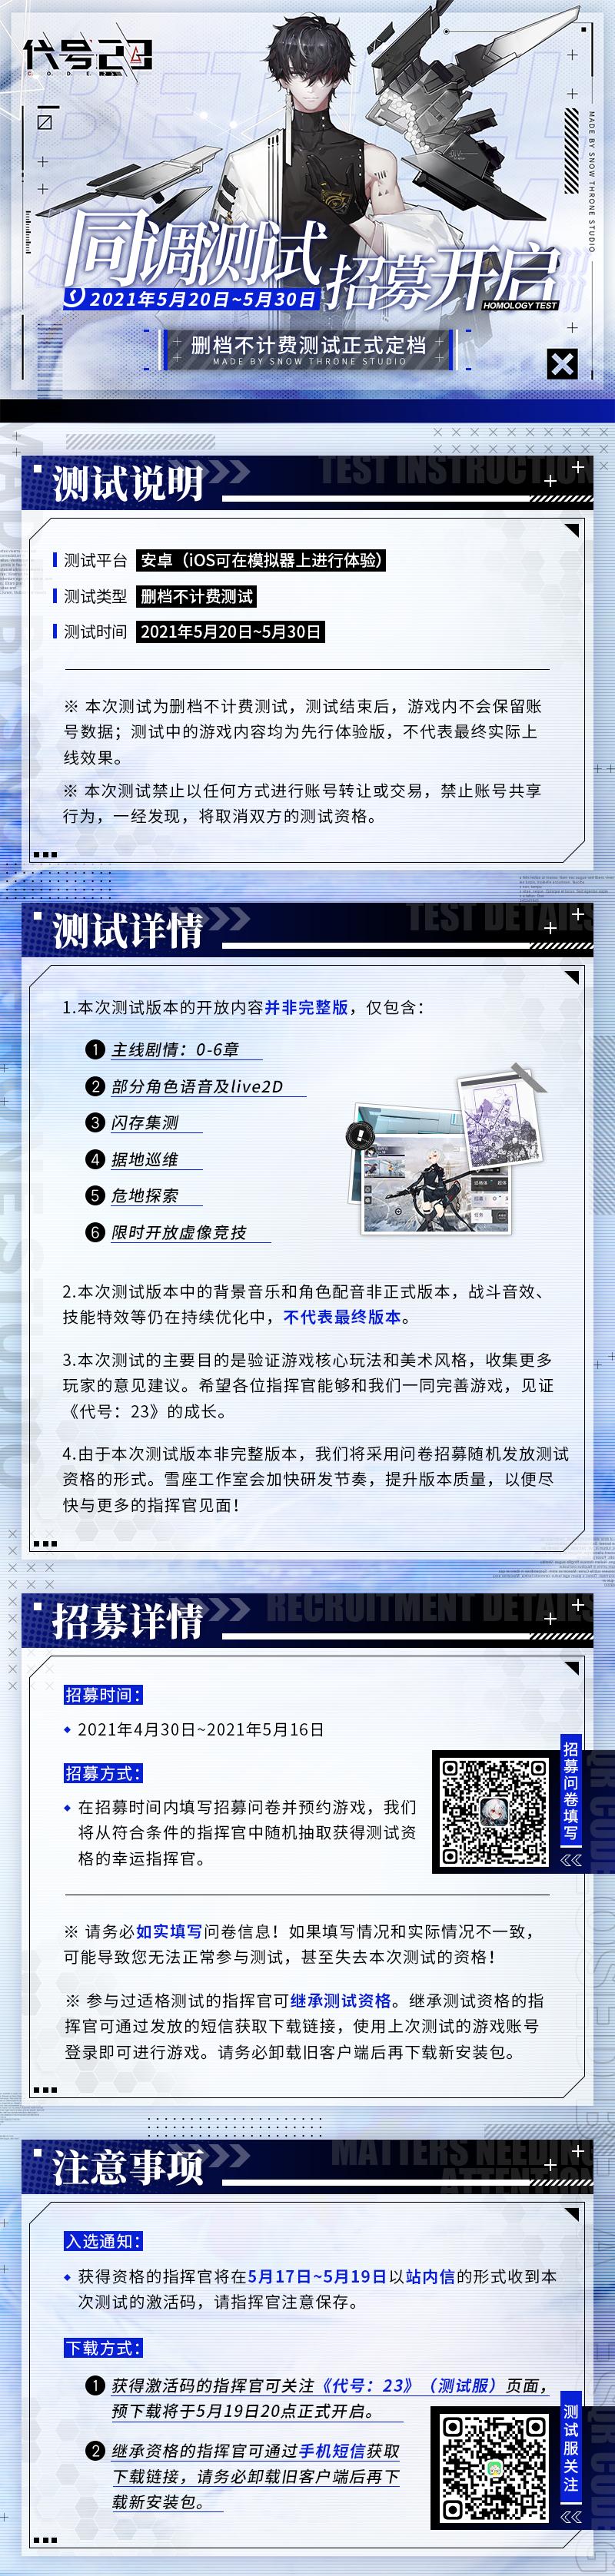 【已开奖】同调测试 | 测试正式定档,报名招募同步开启!...